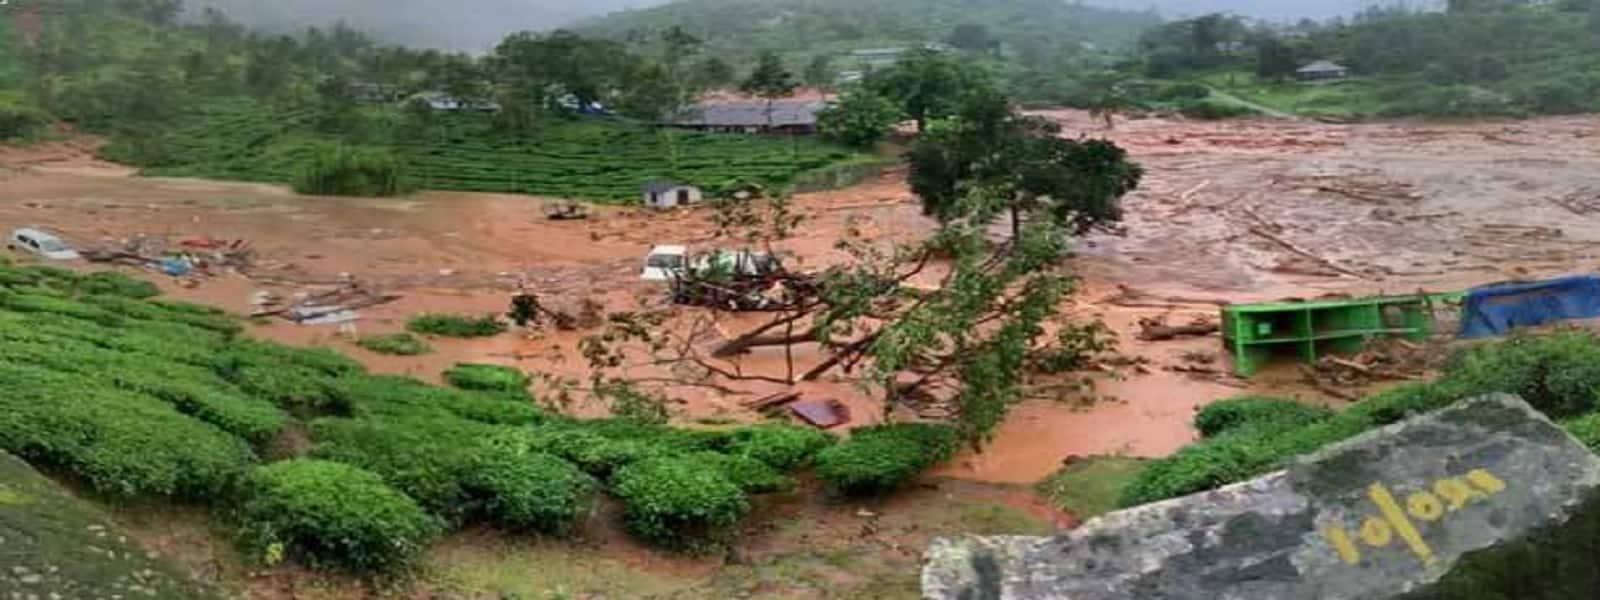 கேரளாவில் பலத்த மழை: நிலச்சரிவில் 50-க்கும் மேற்பட்டோர் சிக்கியுள்ளனர்